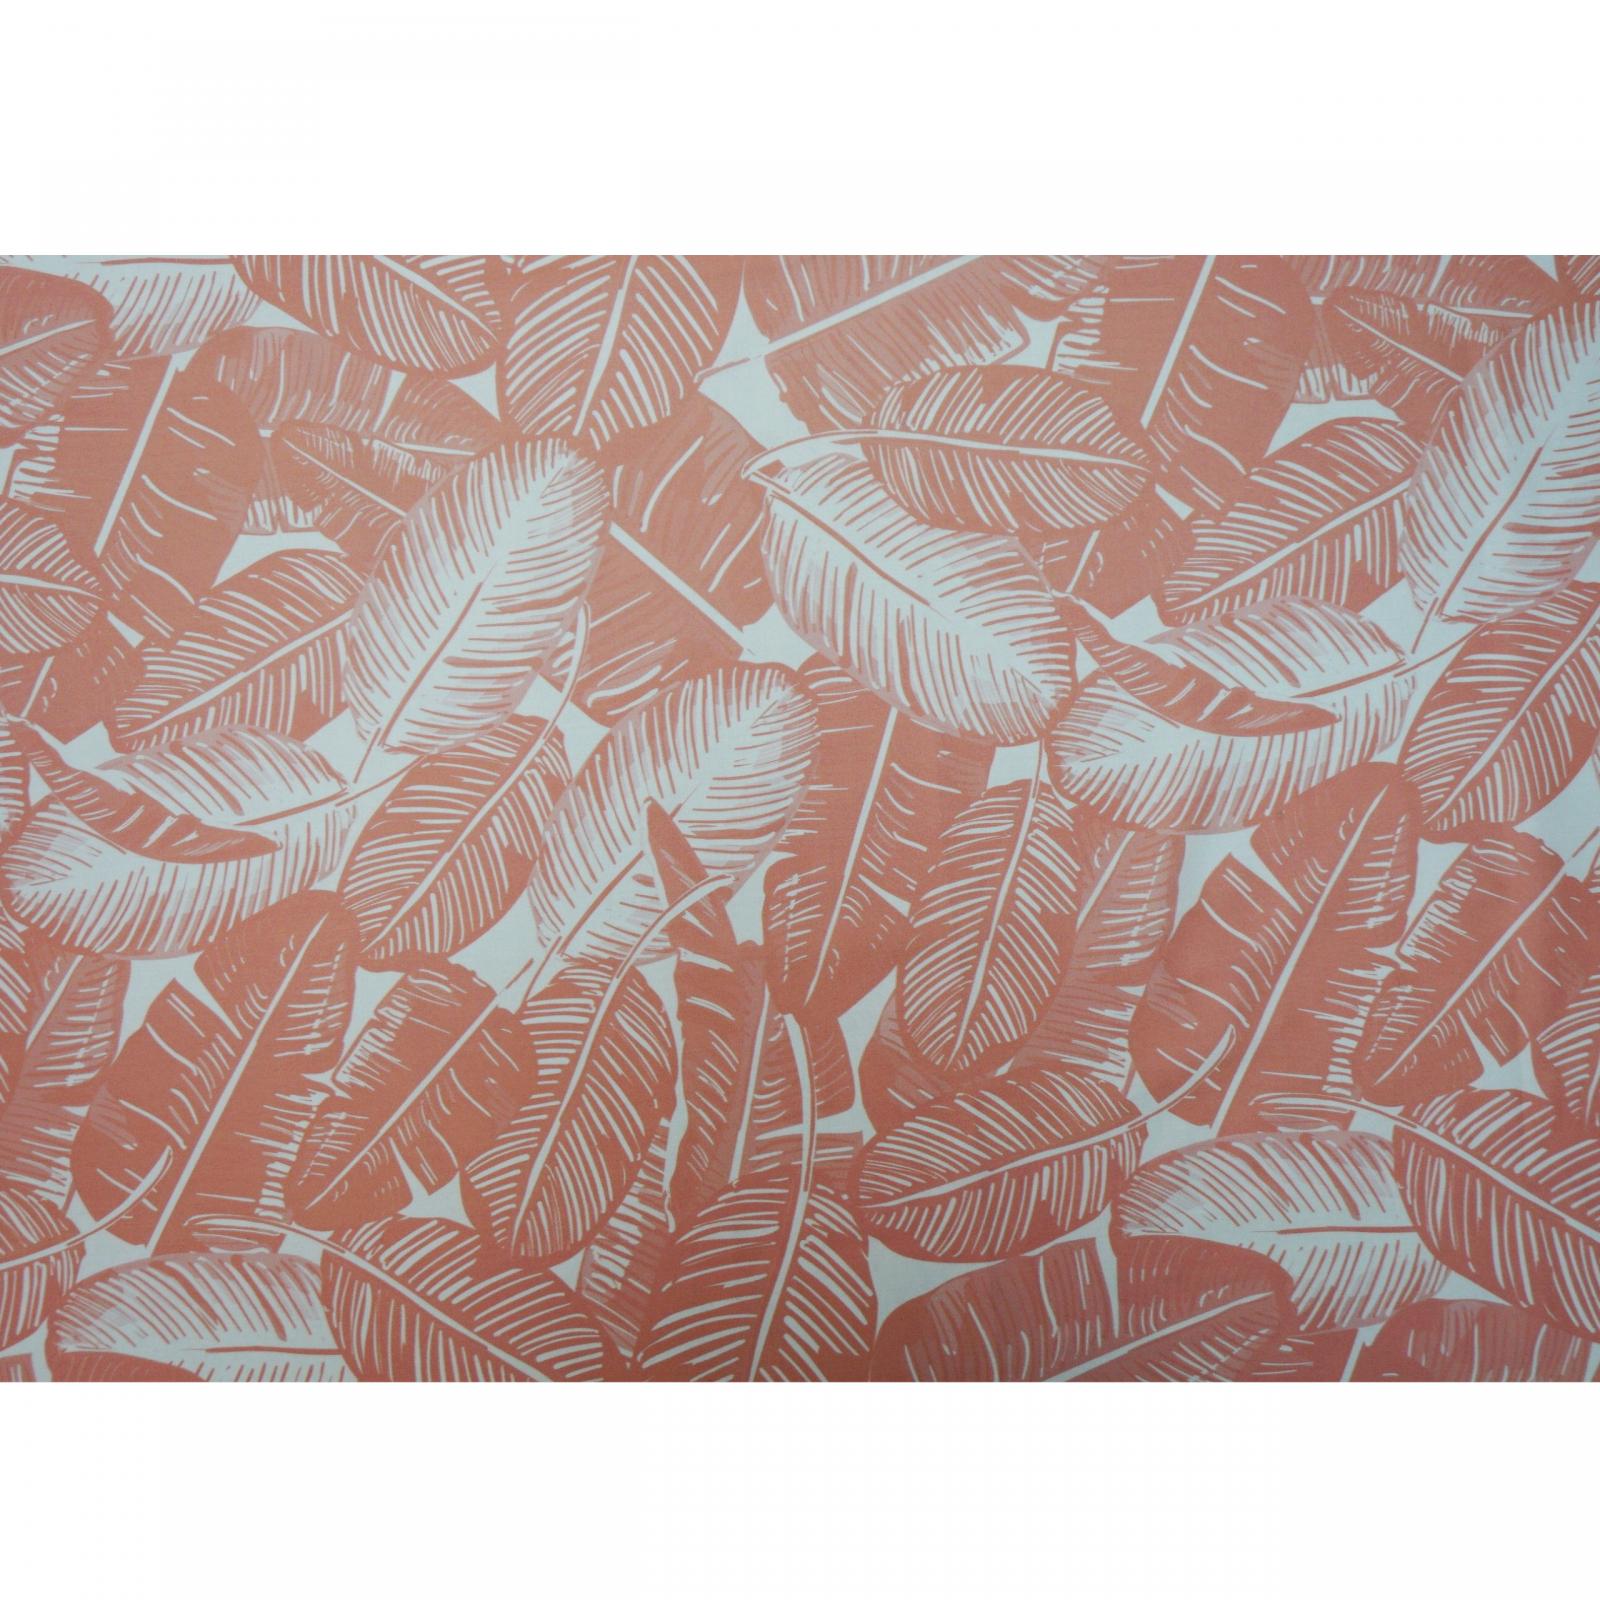 Lady McElroy Feather Palm Cotton Lawn - Blush